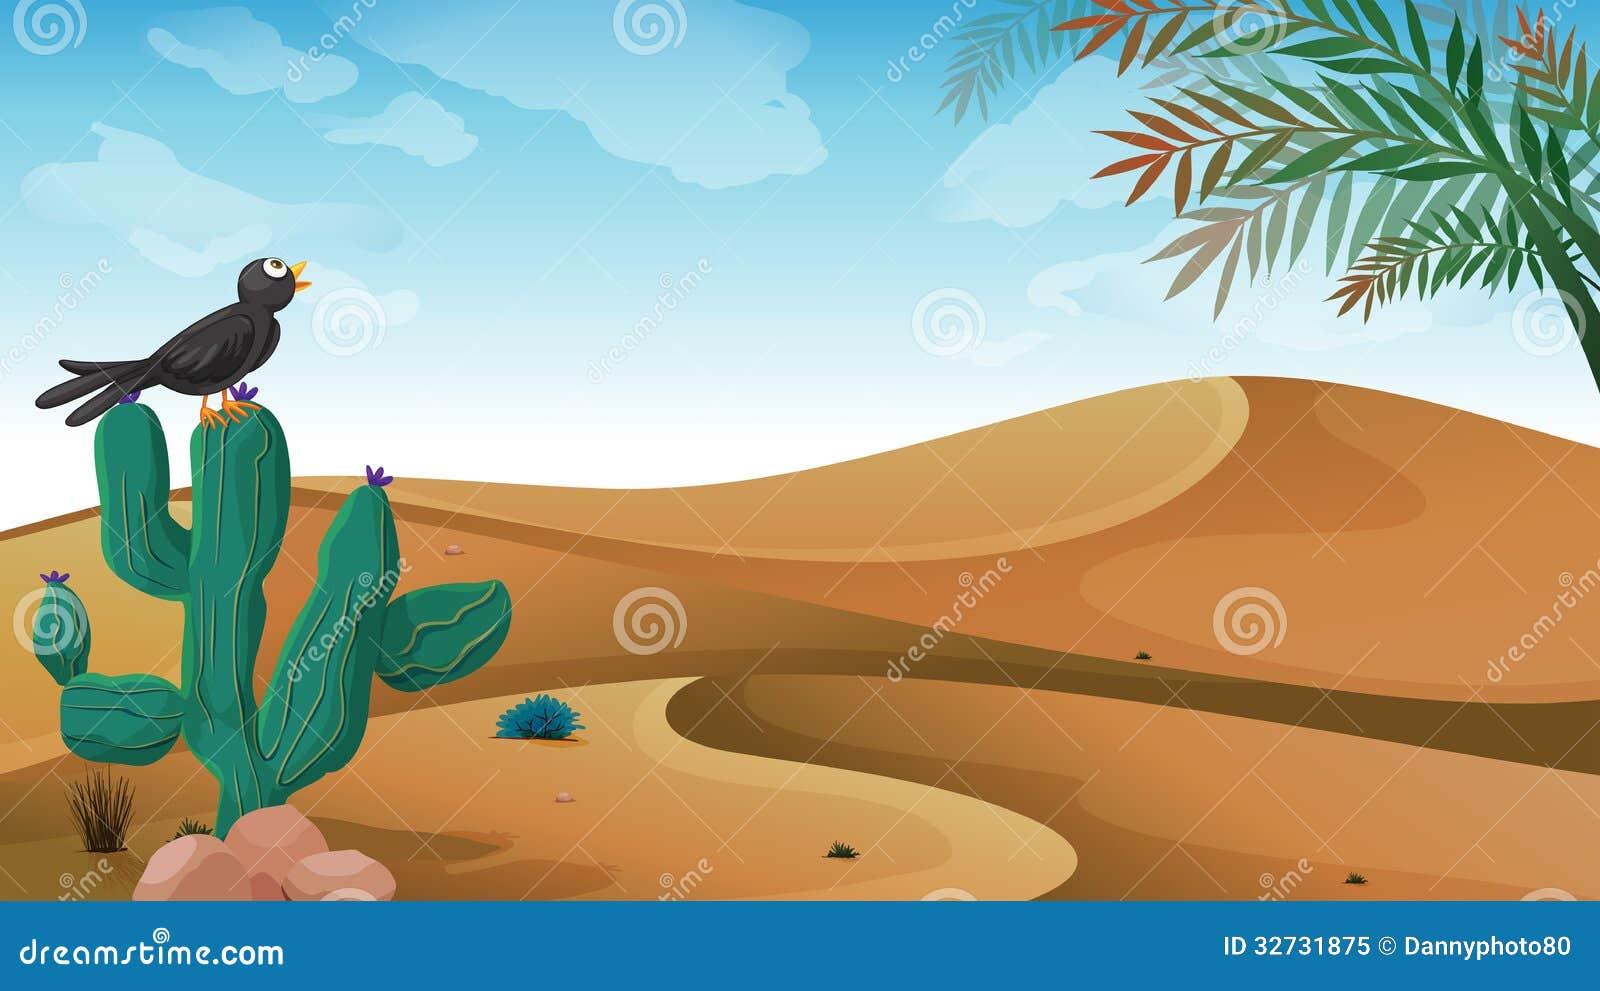 在仙人掌植物上的一只鸟沙漠的